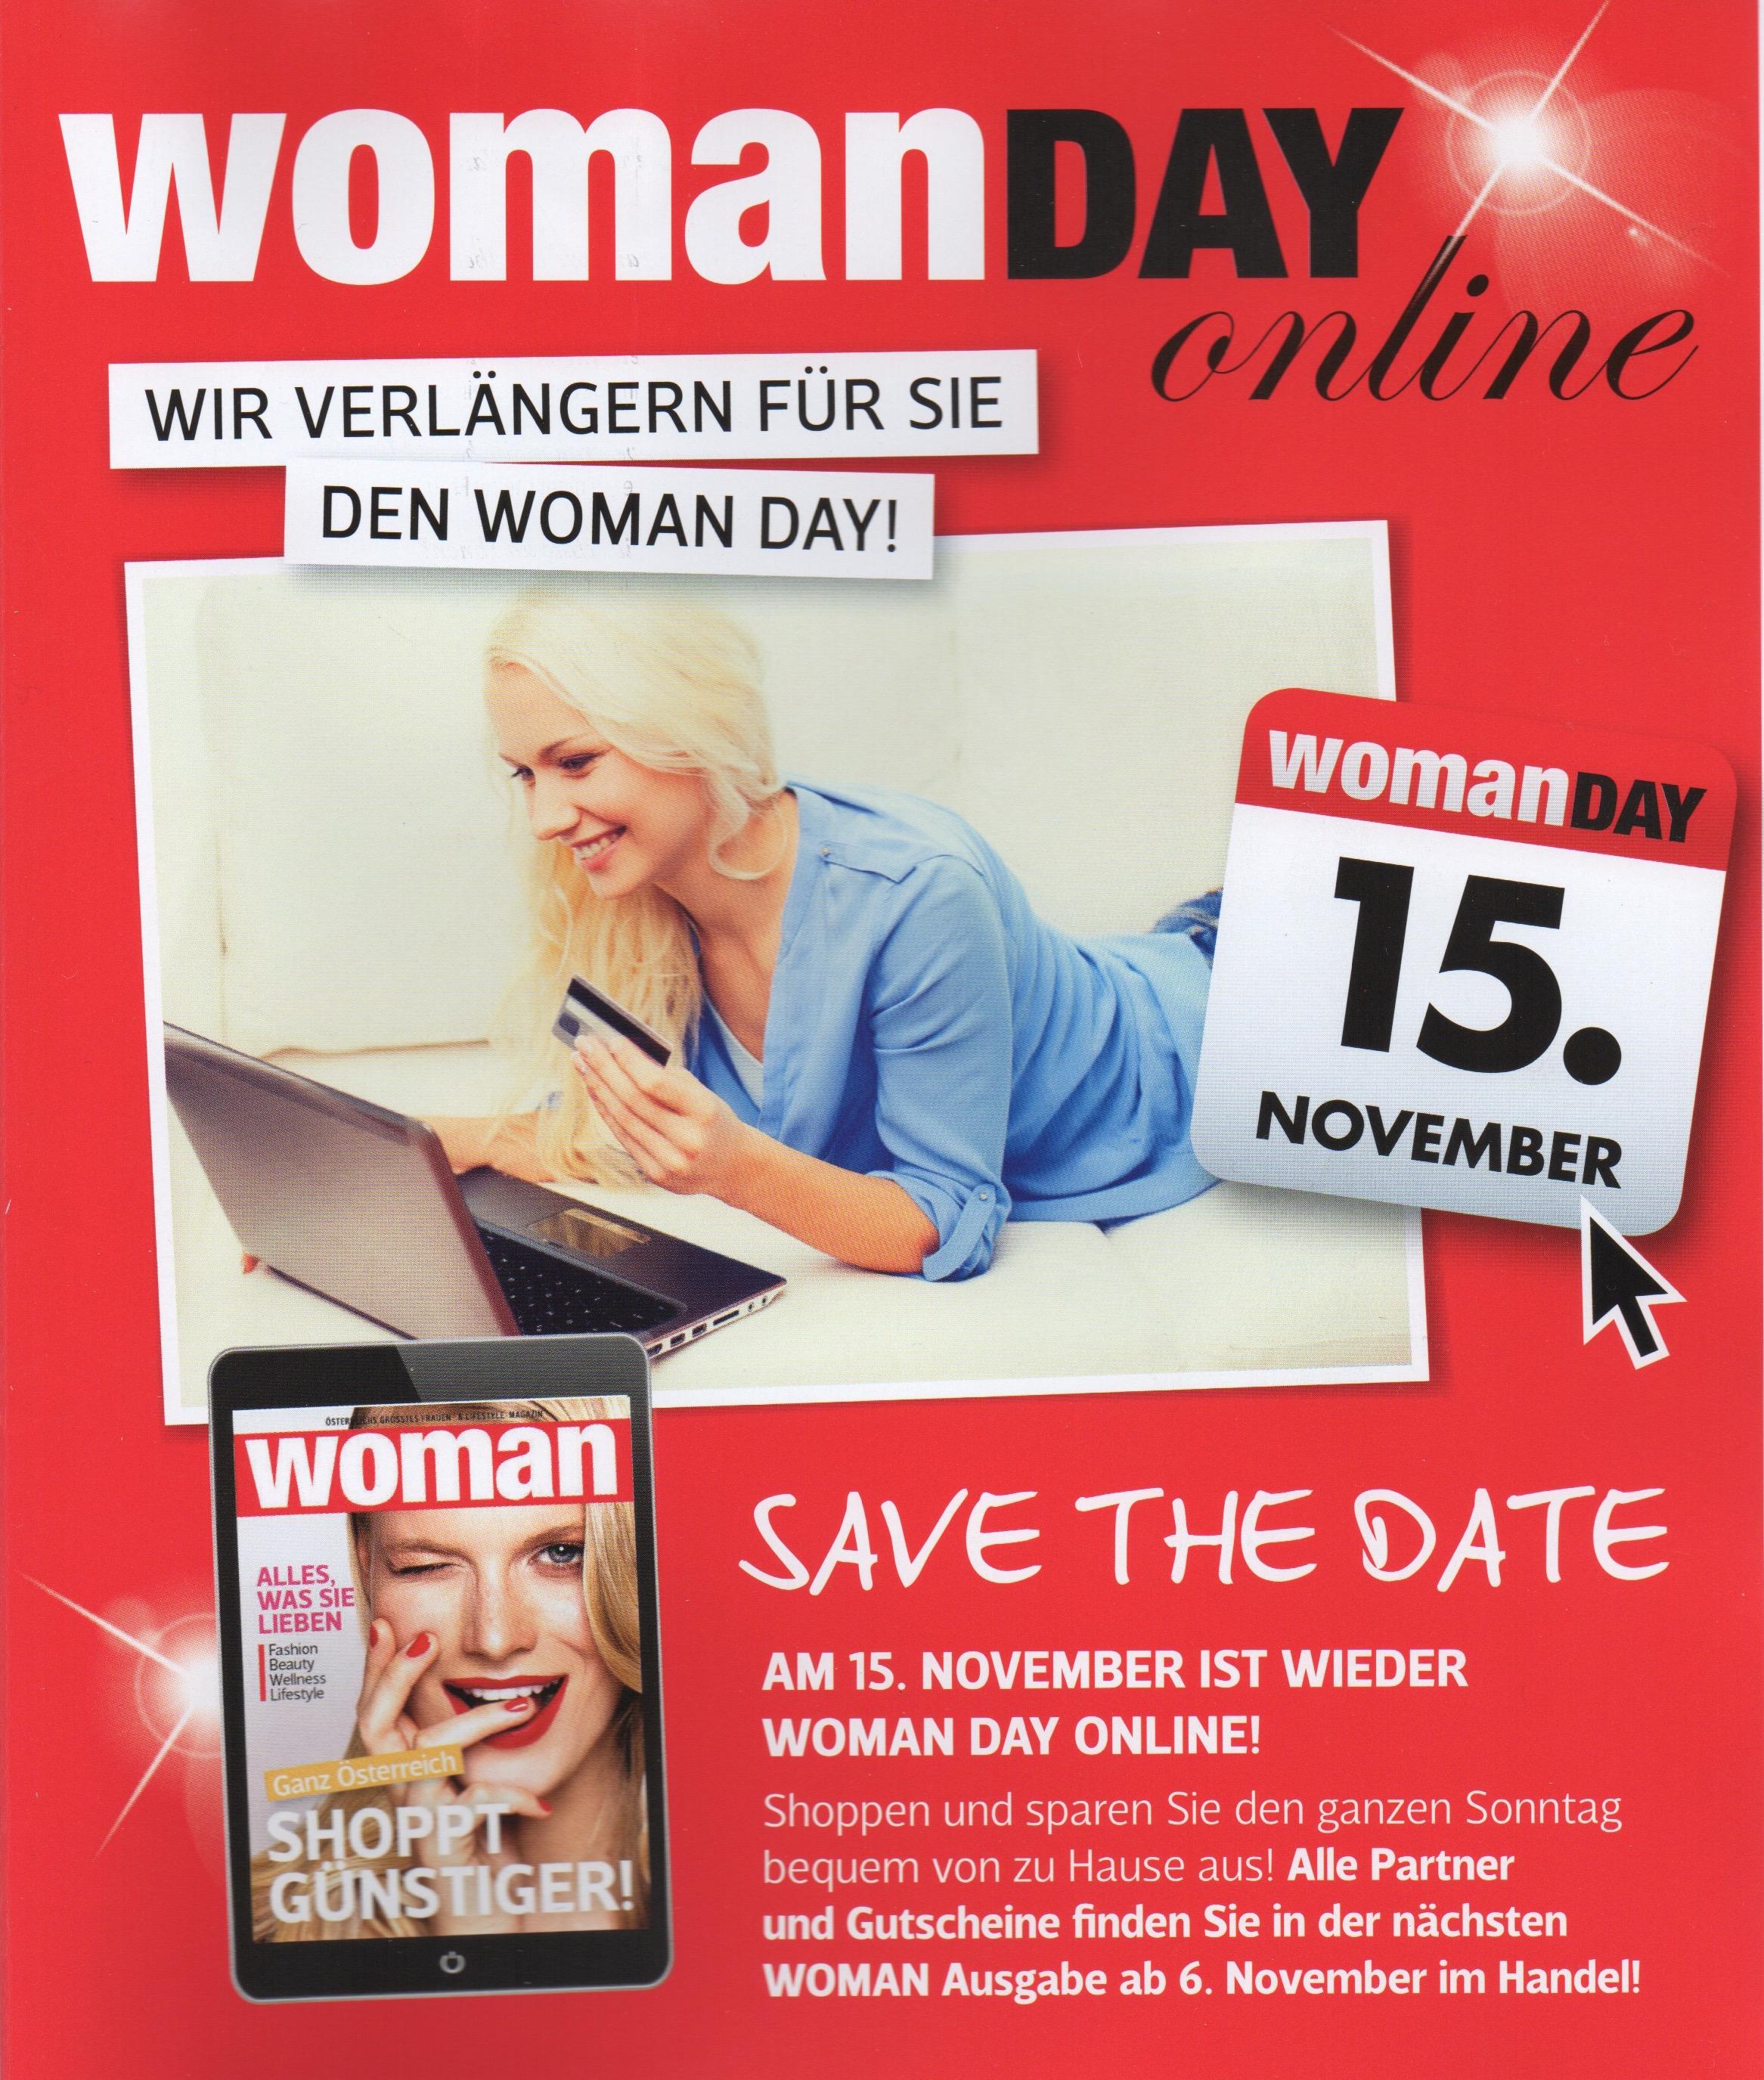 Woman Day Online am 15. November 2015 mit vielen Angeboten bei div. Online-Shops